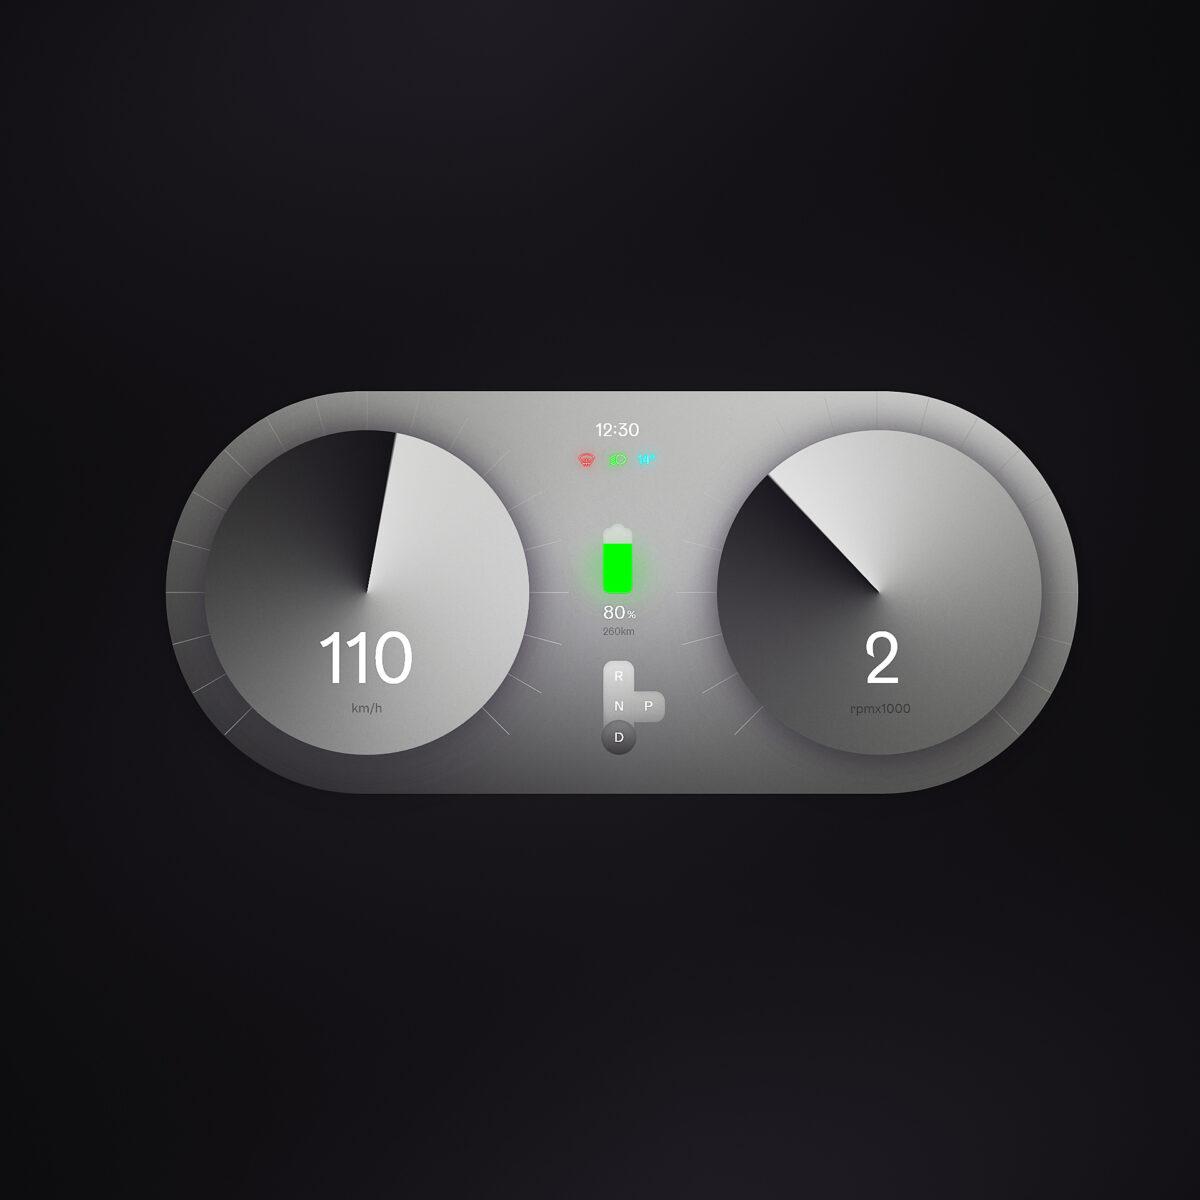 Car interface retro design concept